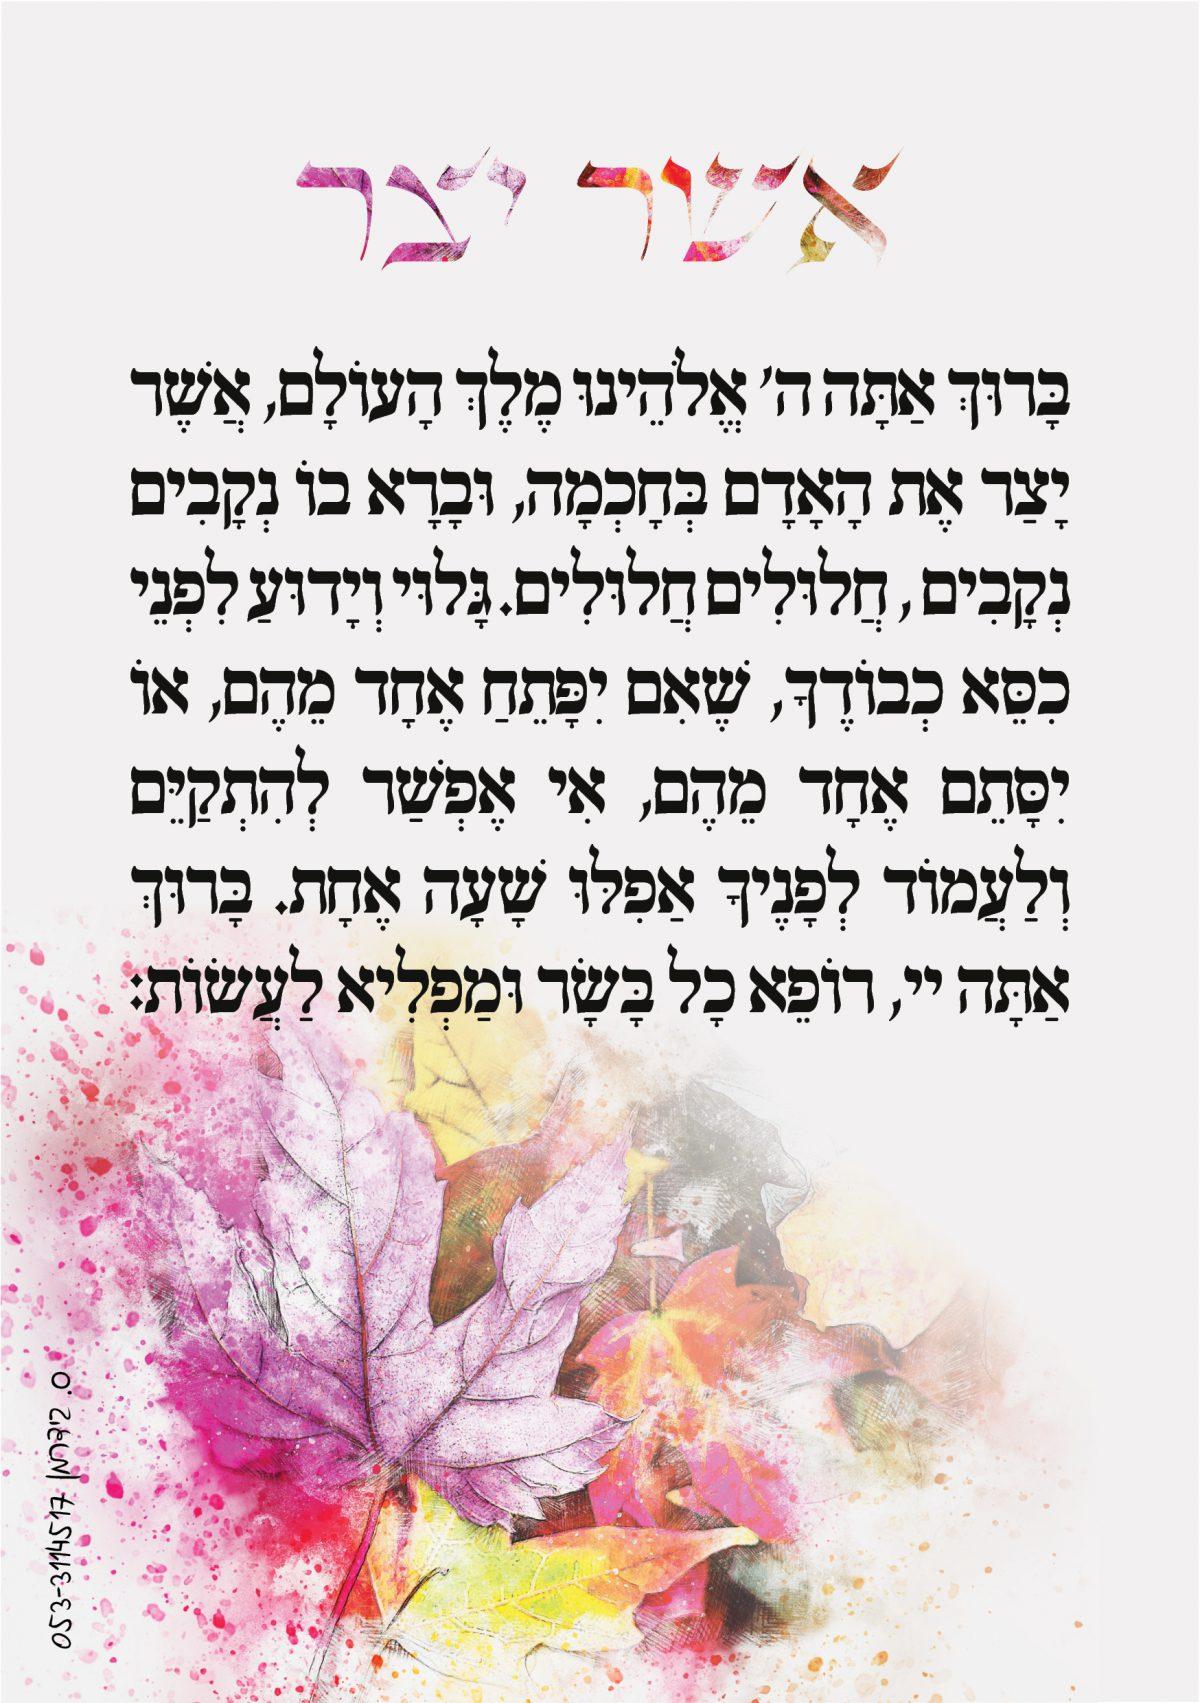 ברכת אשר יצר ומזמור לתודה מעוצב להורדה